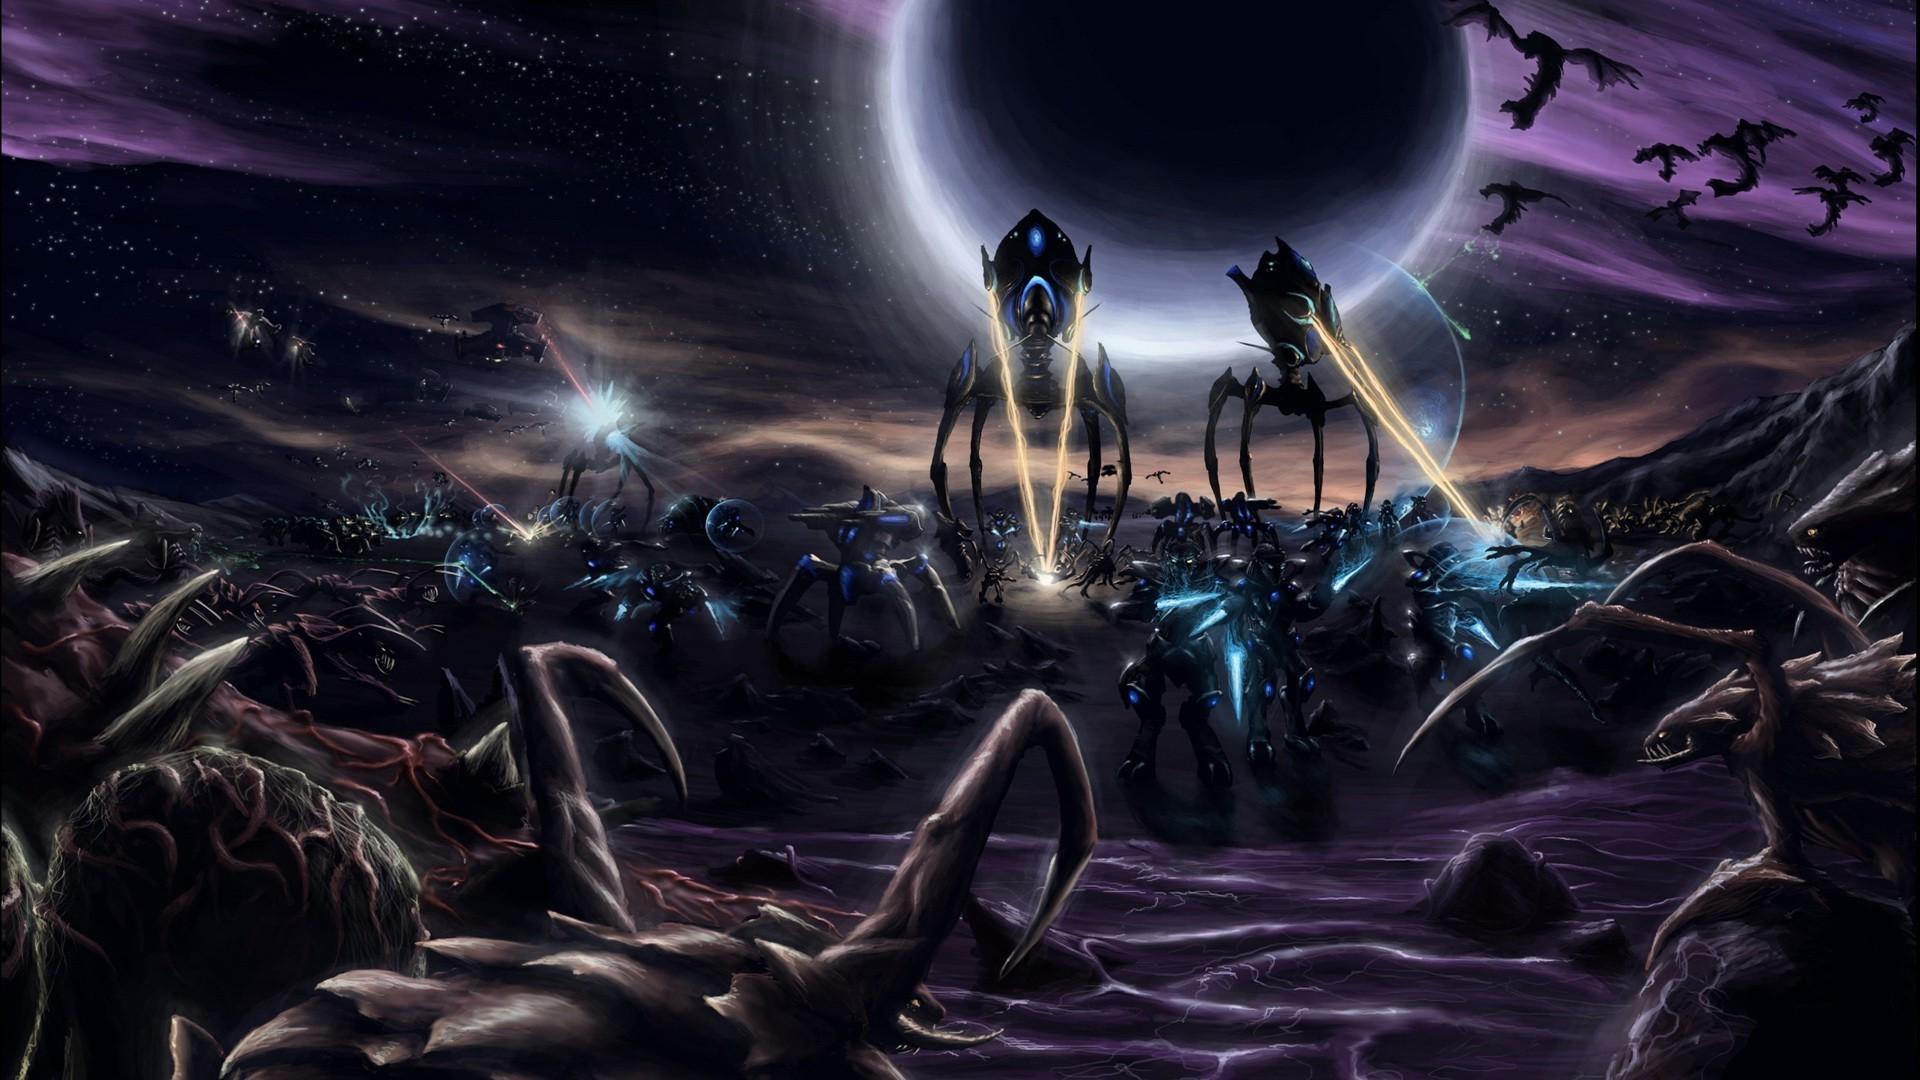 Starcraft2 wallpapers 86 images - Starcraft 2 wallpaper art ...